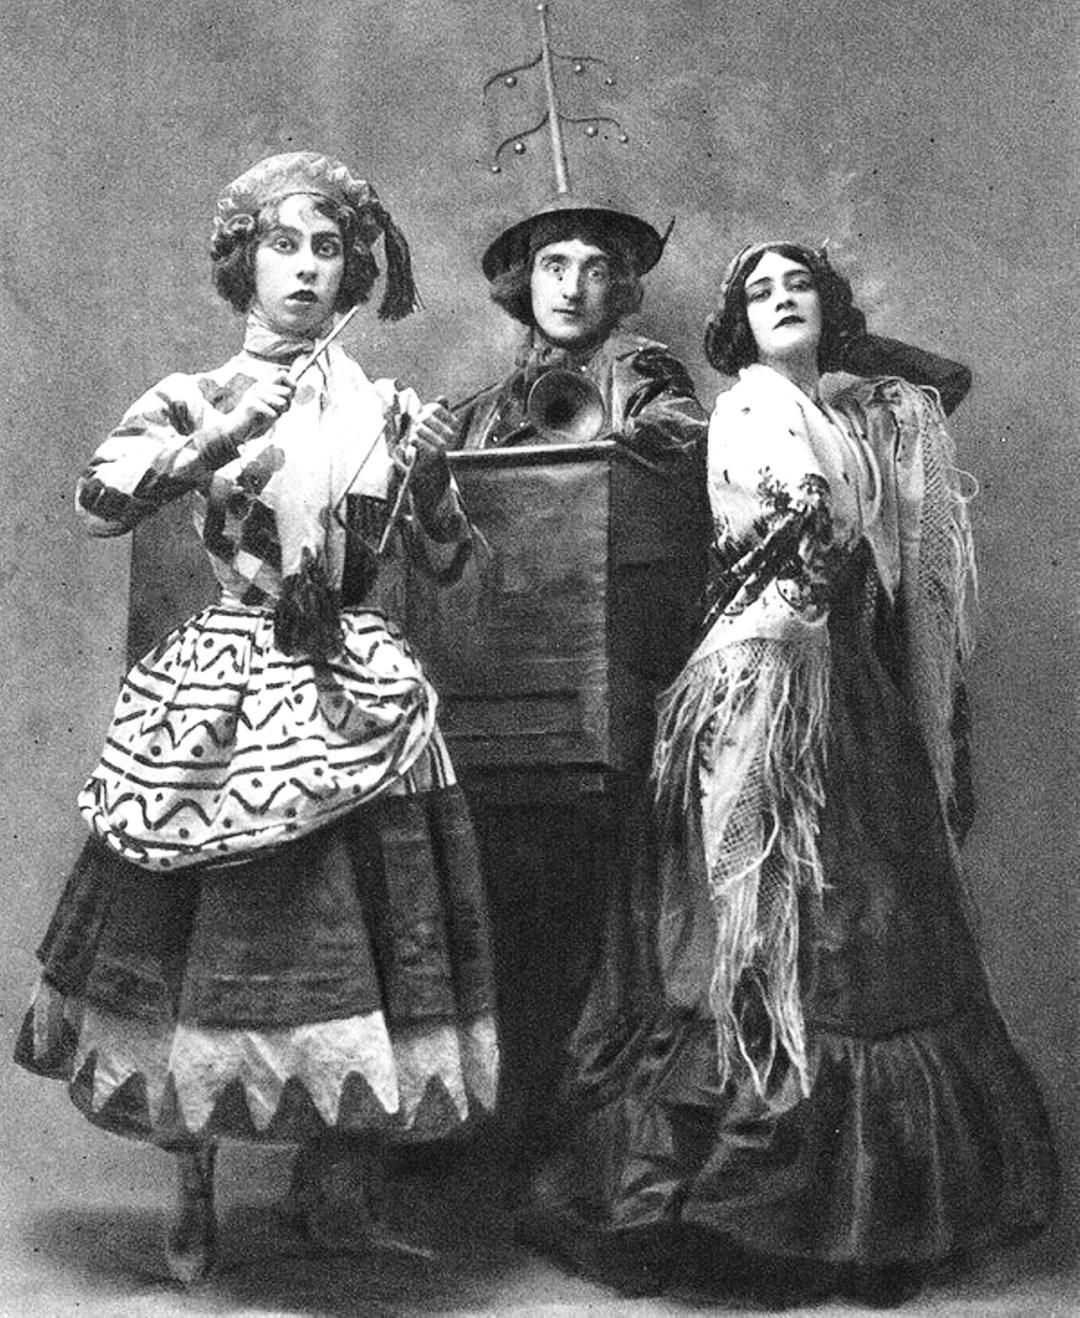 Броніслава Ніжинська, Михайло Фокін та Людмила Шоллар в балеті Петрушка 1911 р